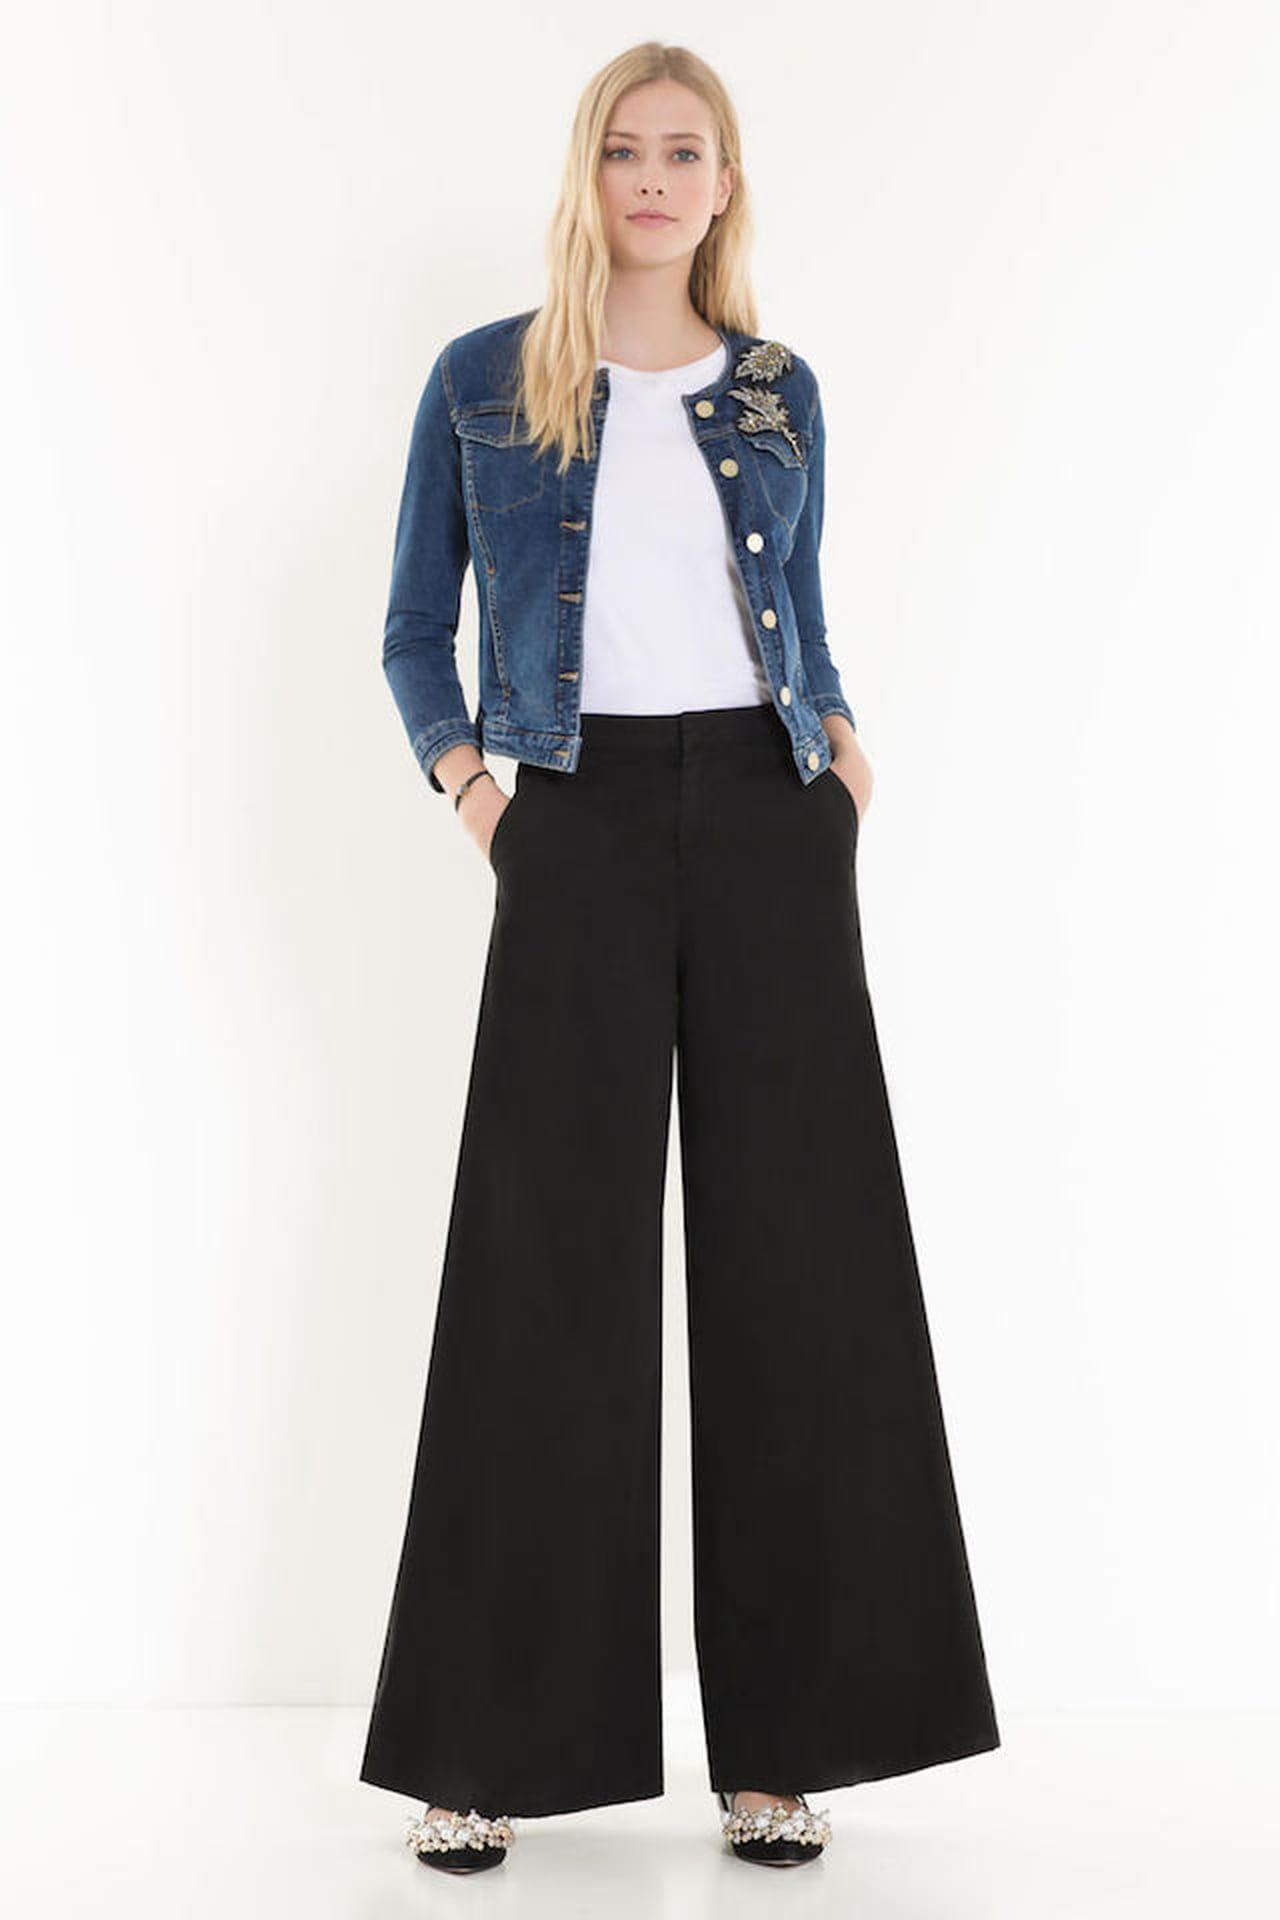 quality design 58d98 649c4 Giacca di jeans o giacca di pelle? Consigli di stile